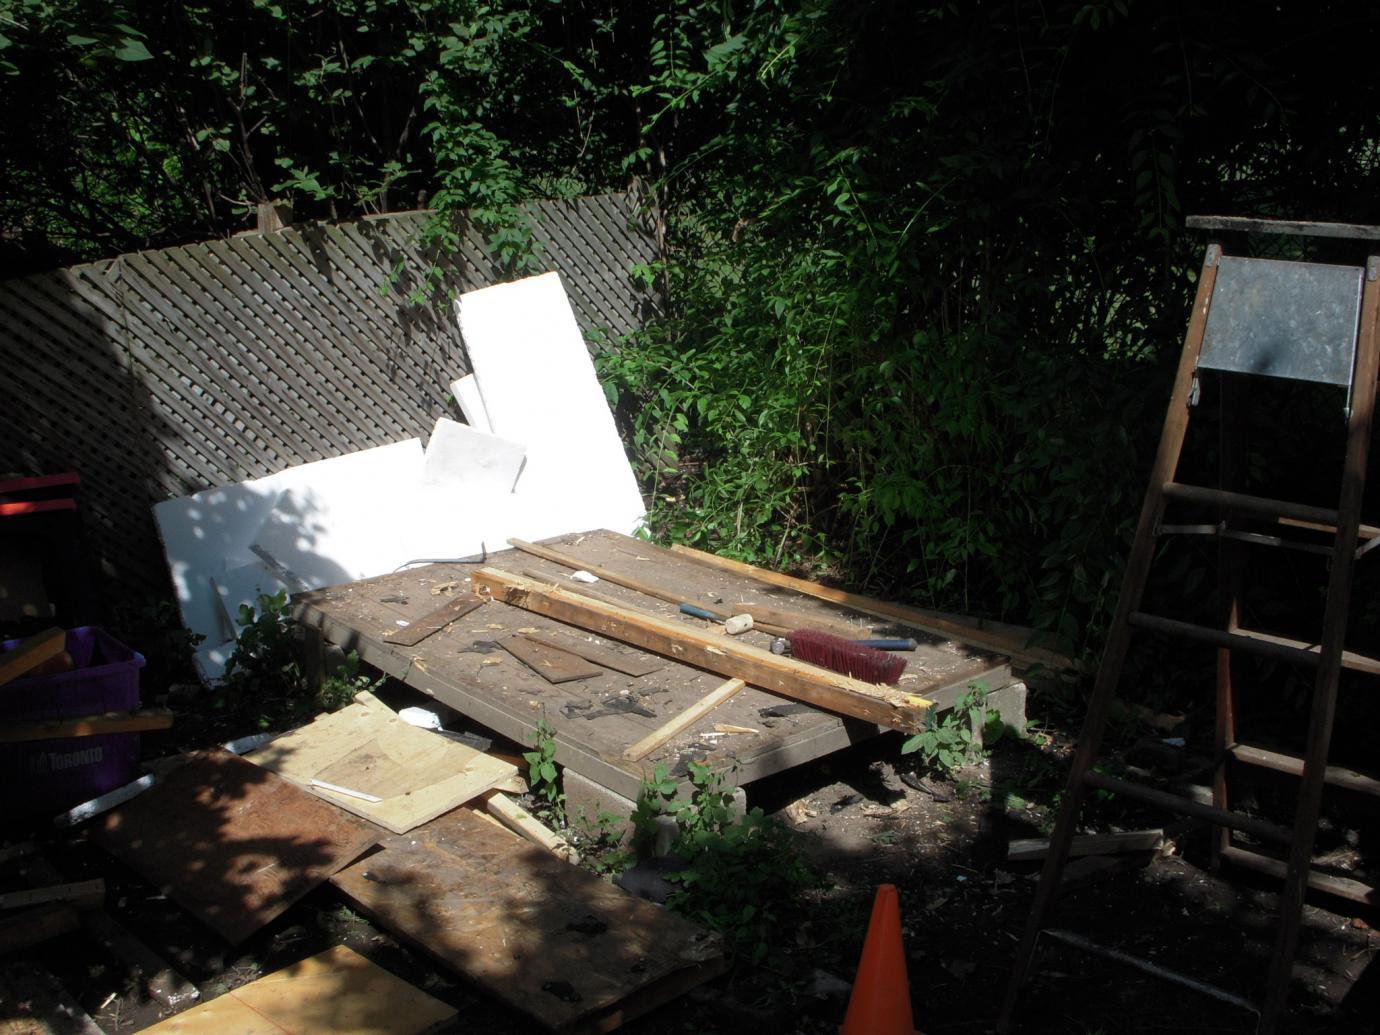 Nicks Shed Renovation-dscn1188.jpg